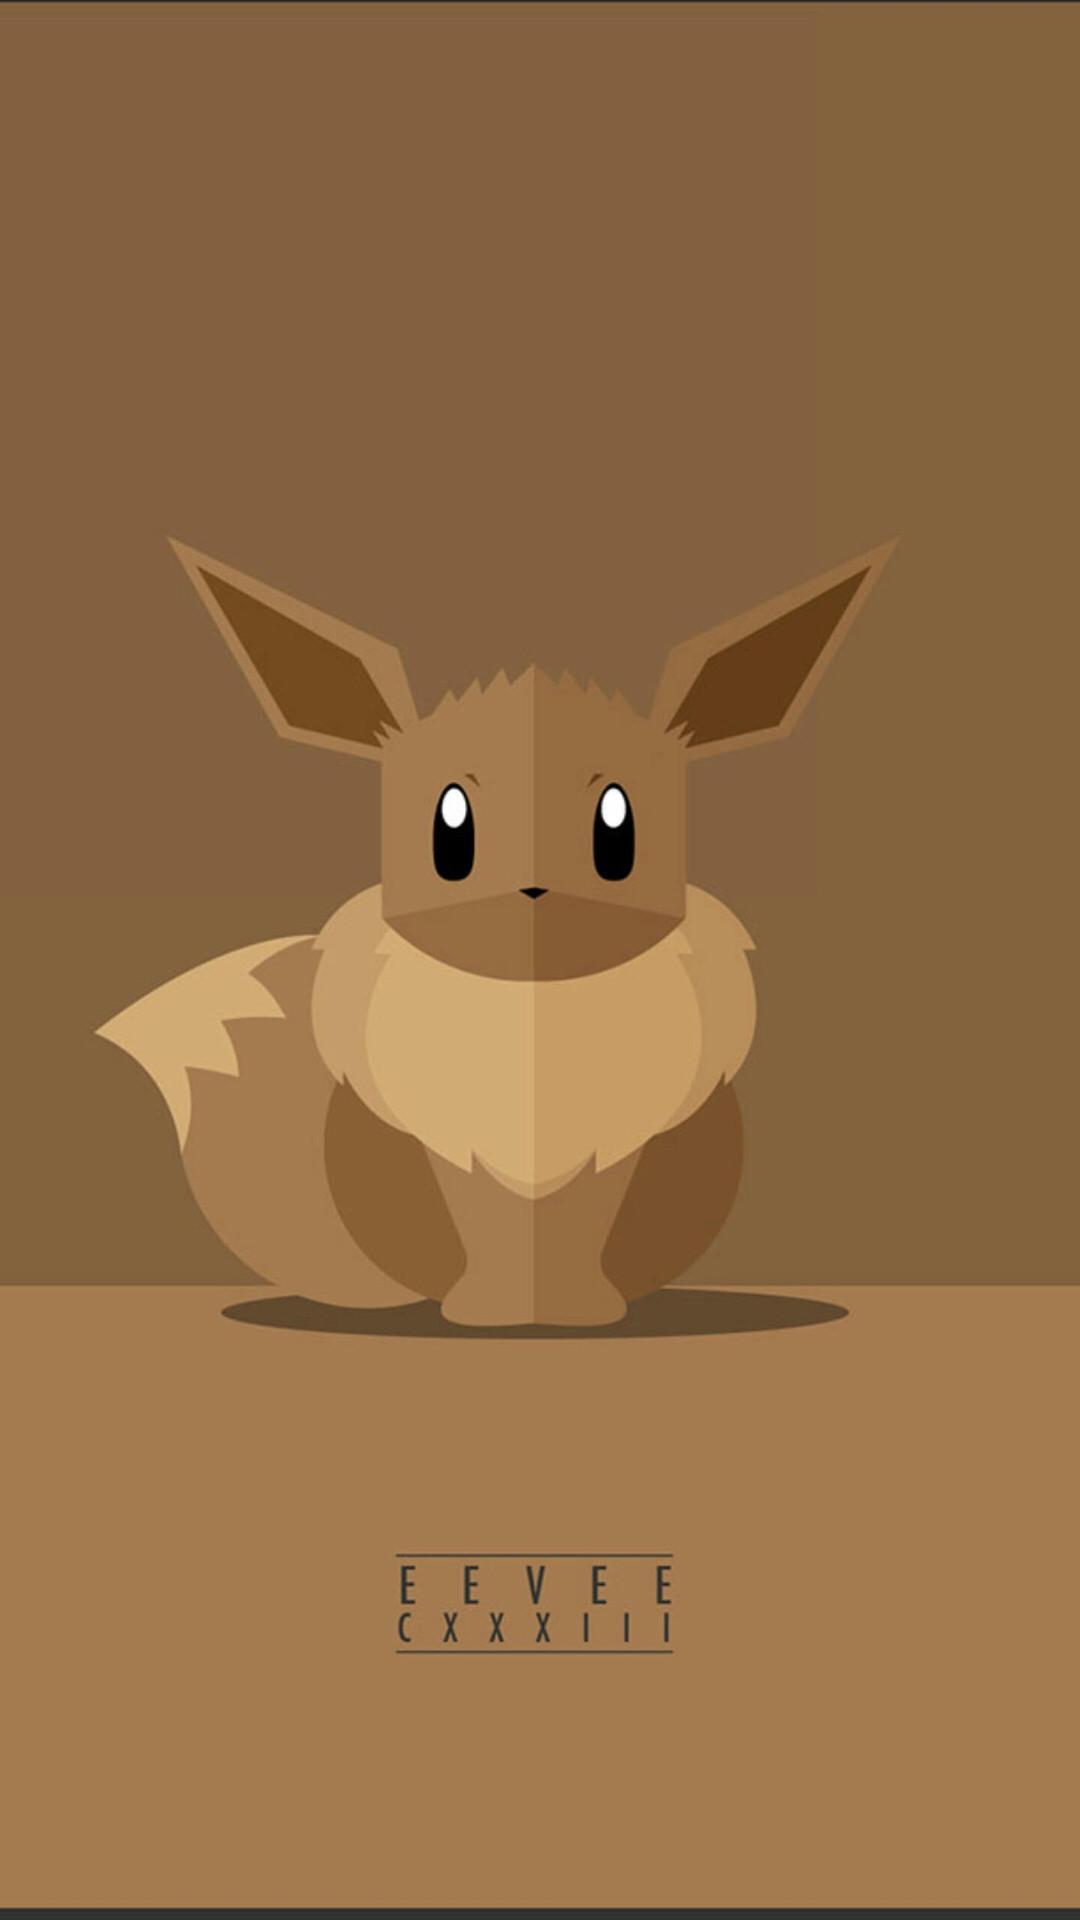 Pokemon Eevee Wallpaper 71 Images